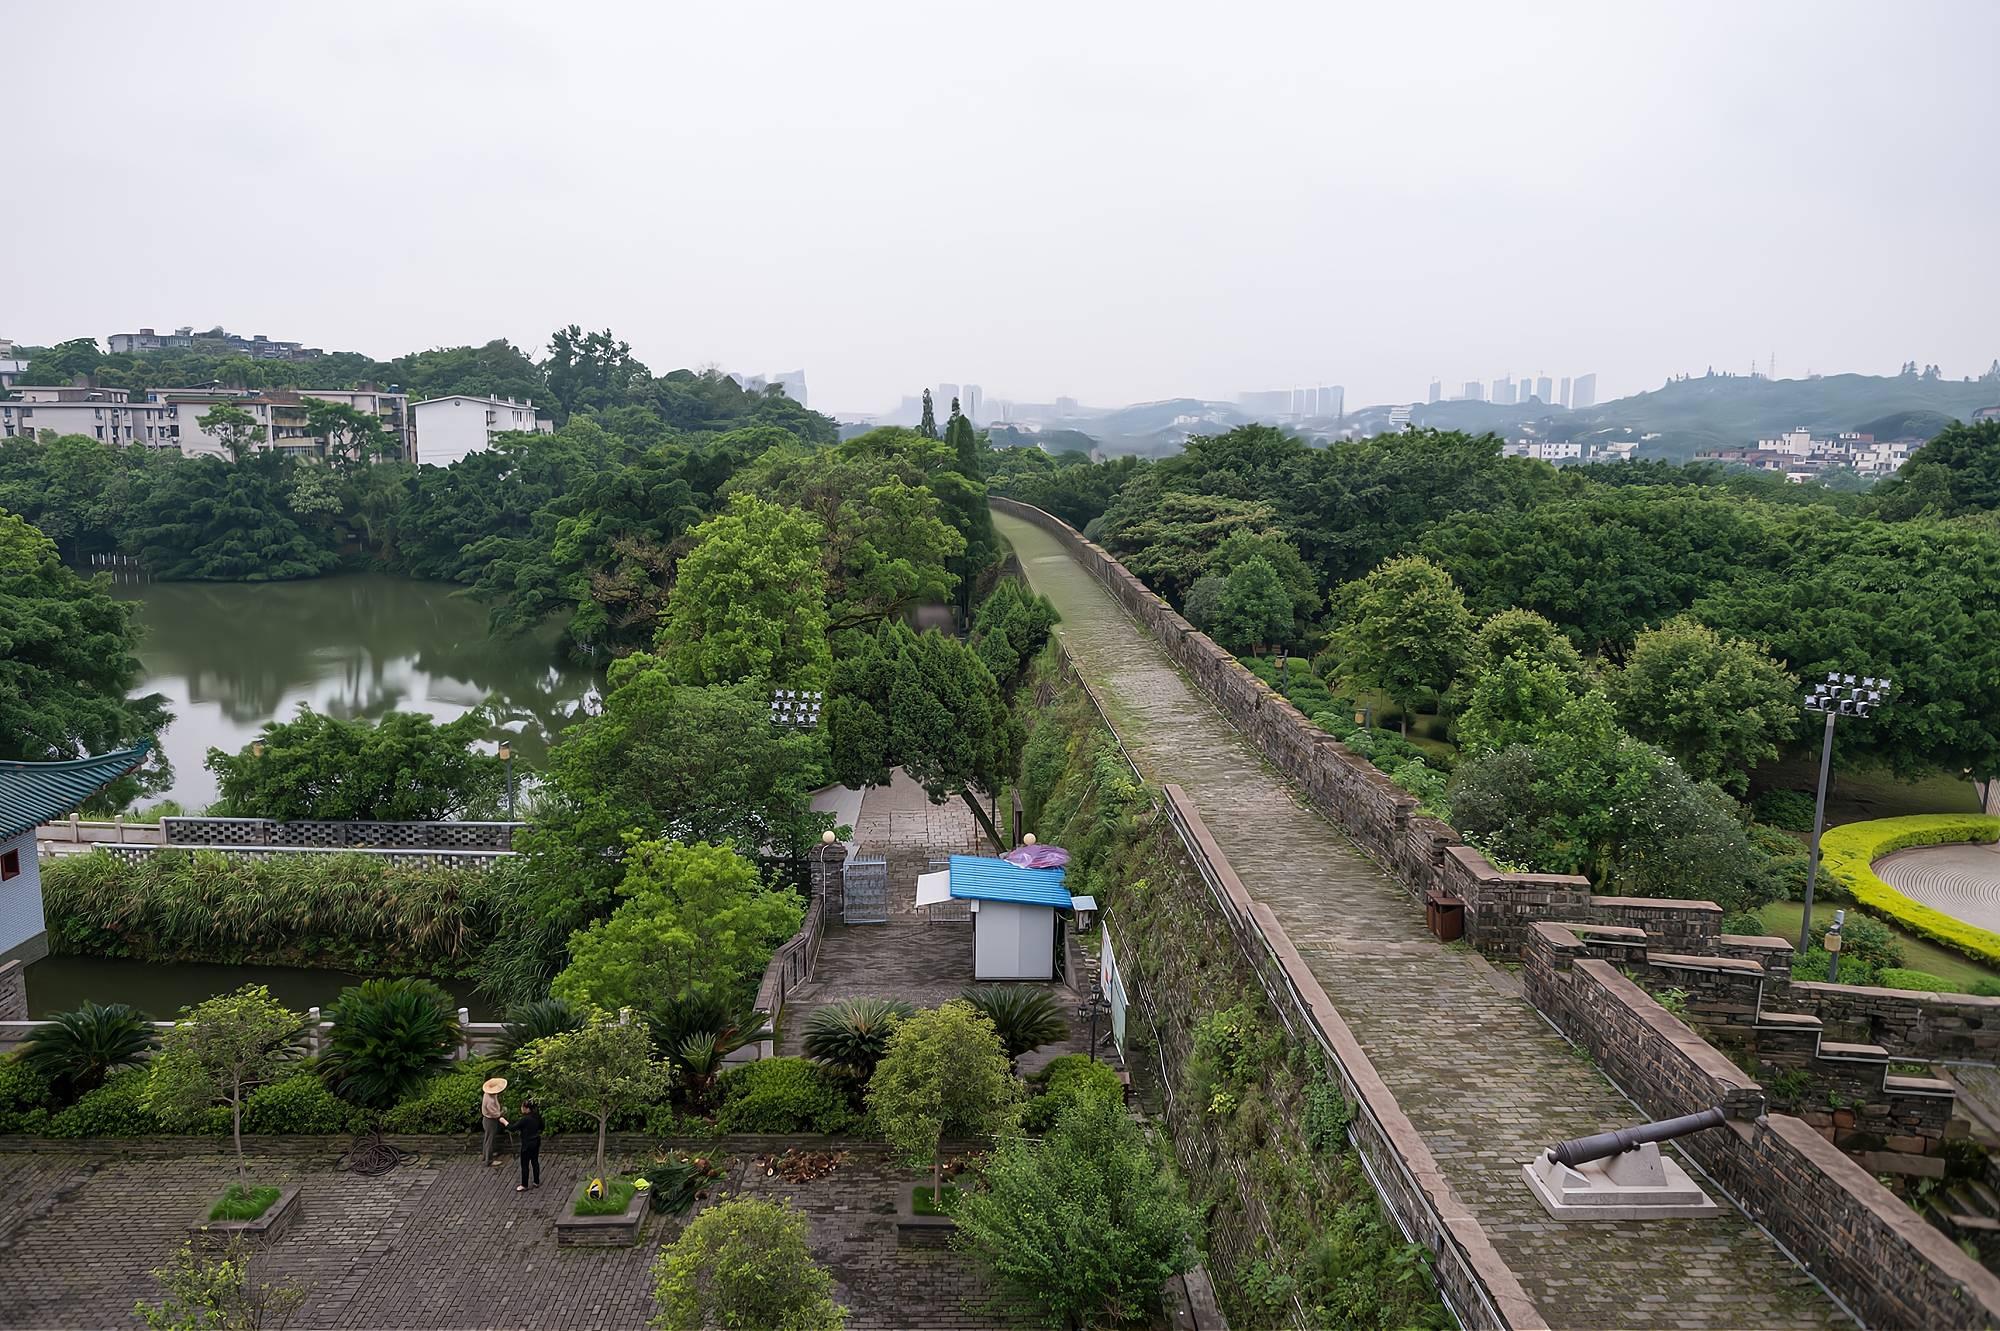 原创             中国现存唯一的宋代古城墙,全长3600多米,与西安古城墙齐名